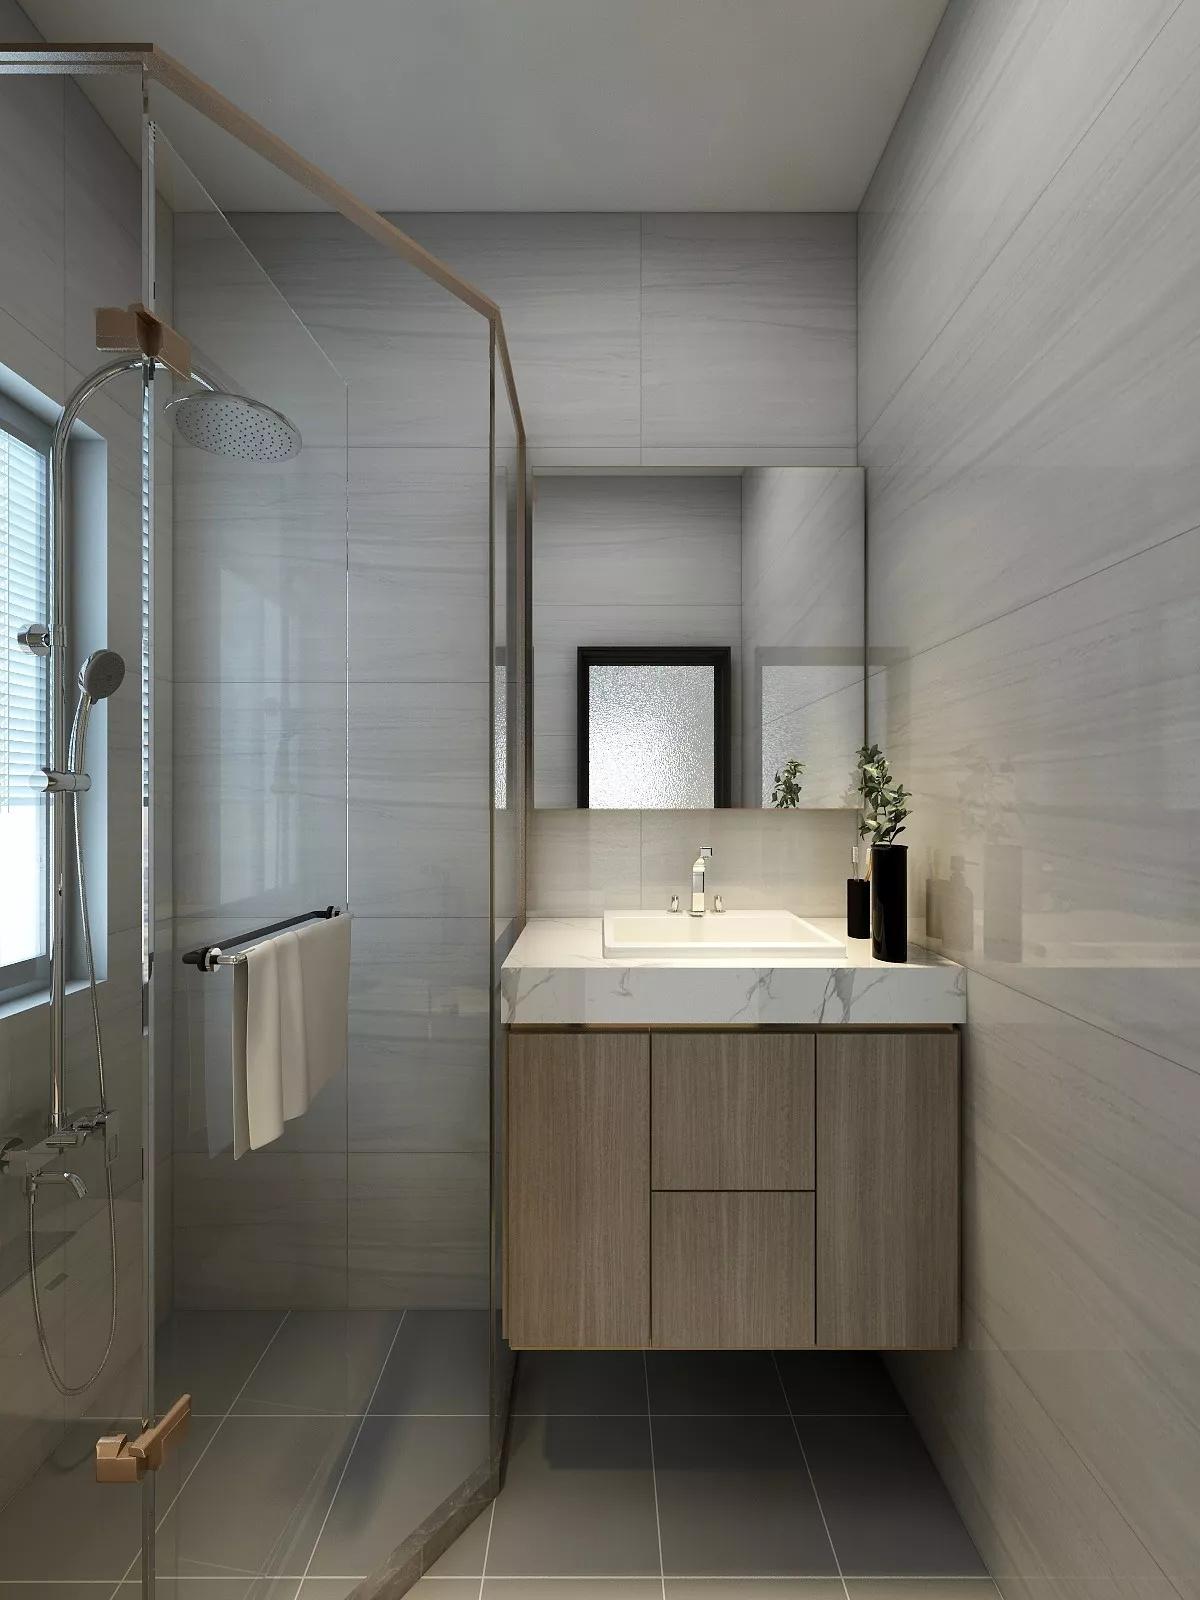 卫生间镜子风水禁忌 卫生间镜子有哪些风水讲究